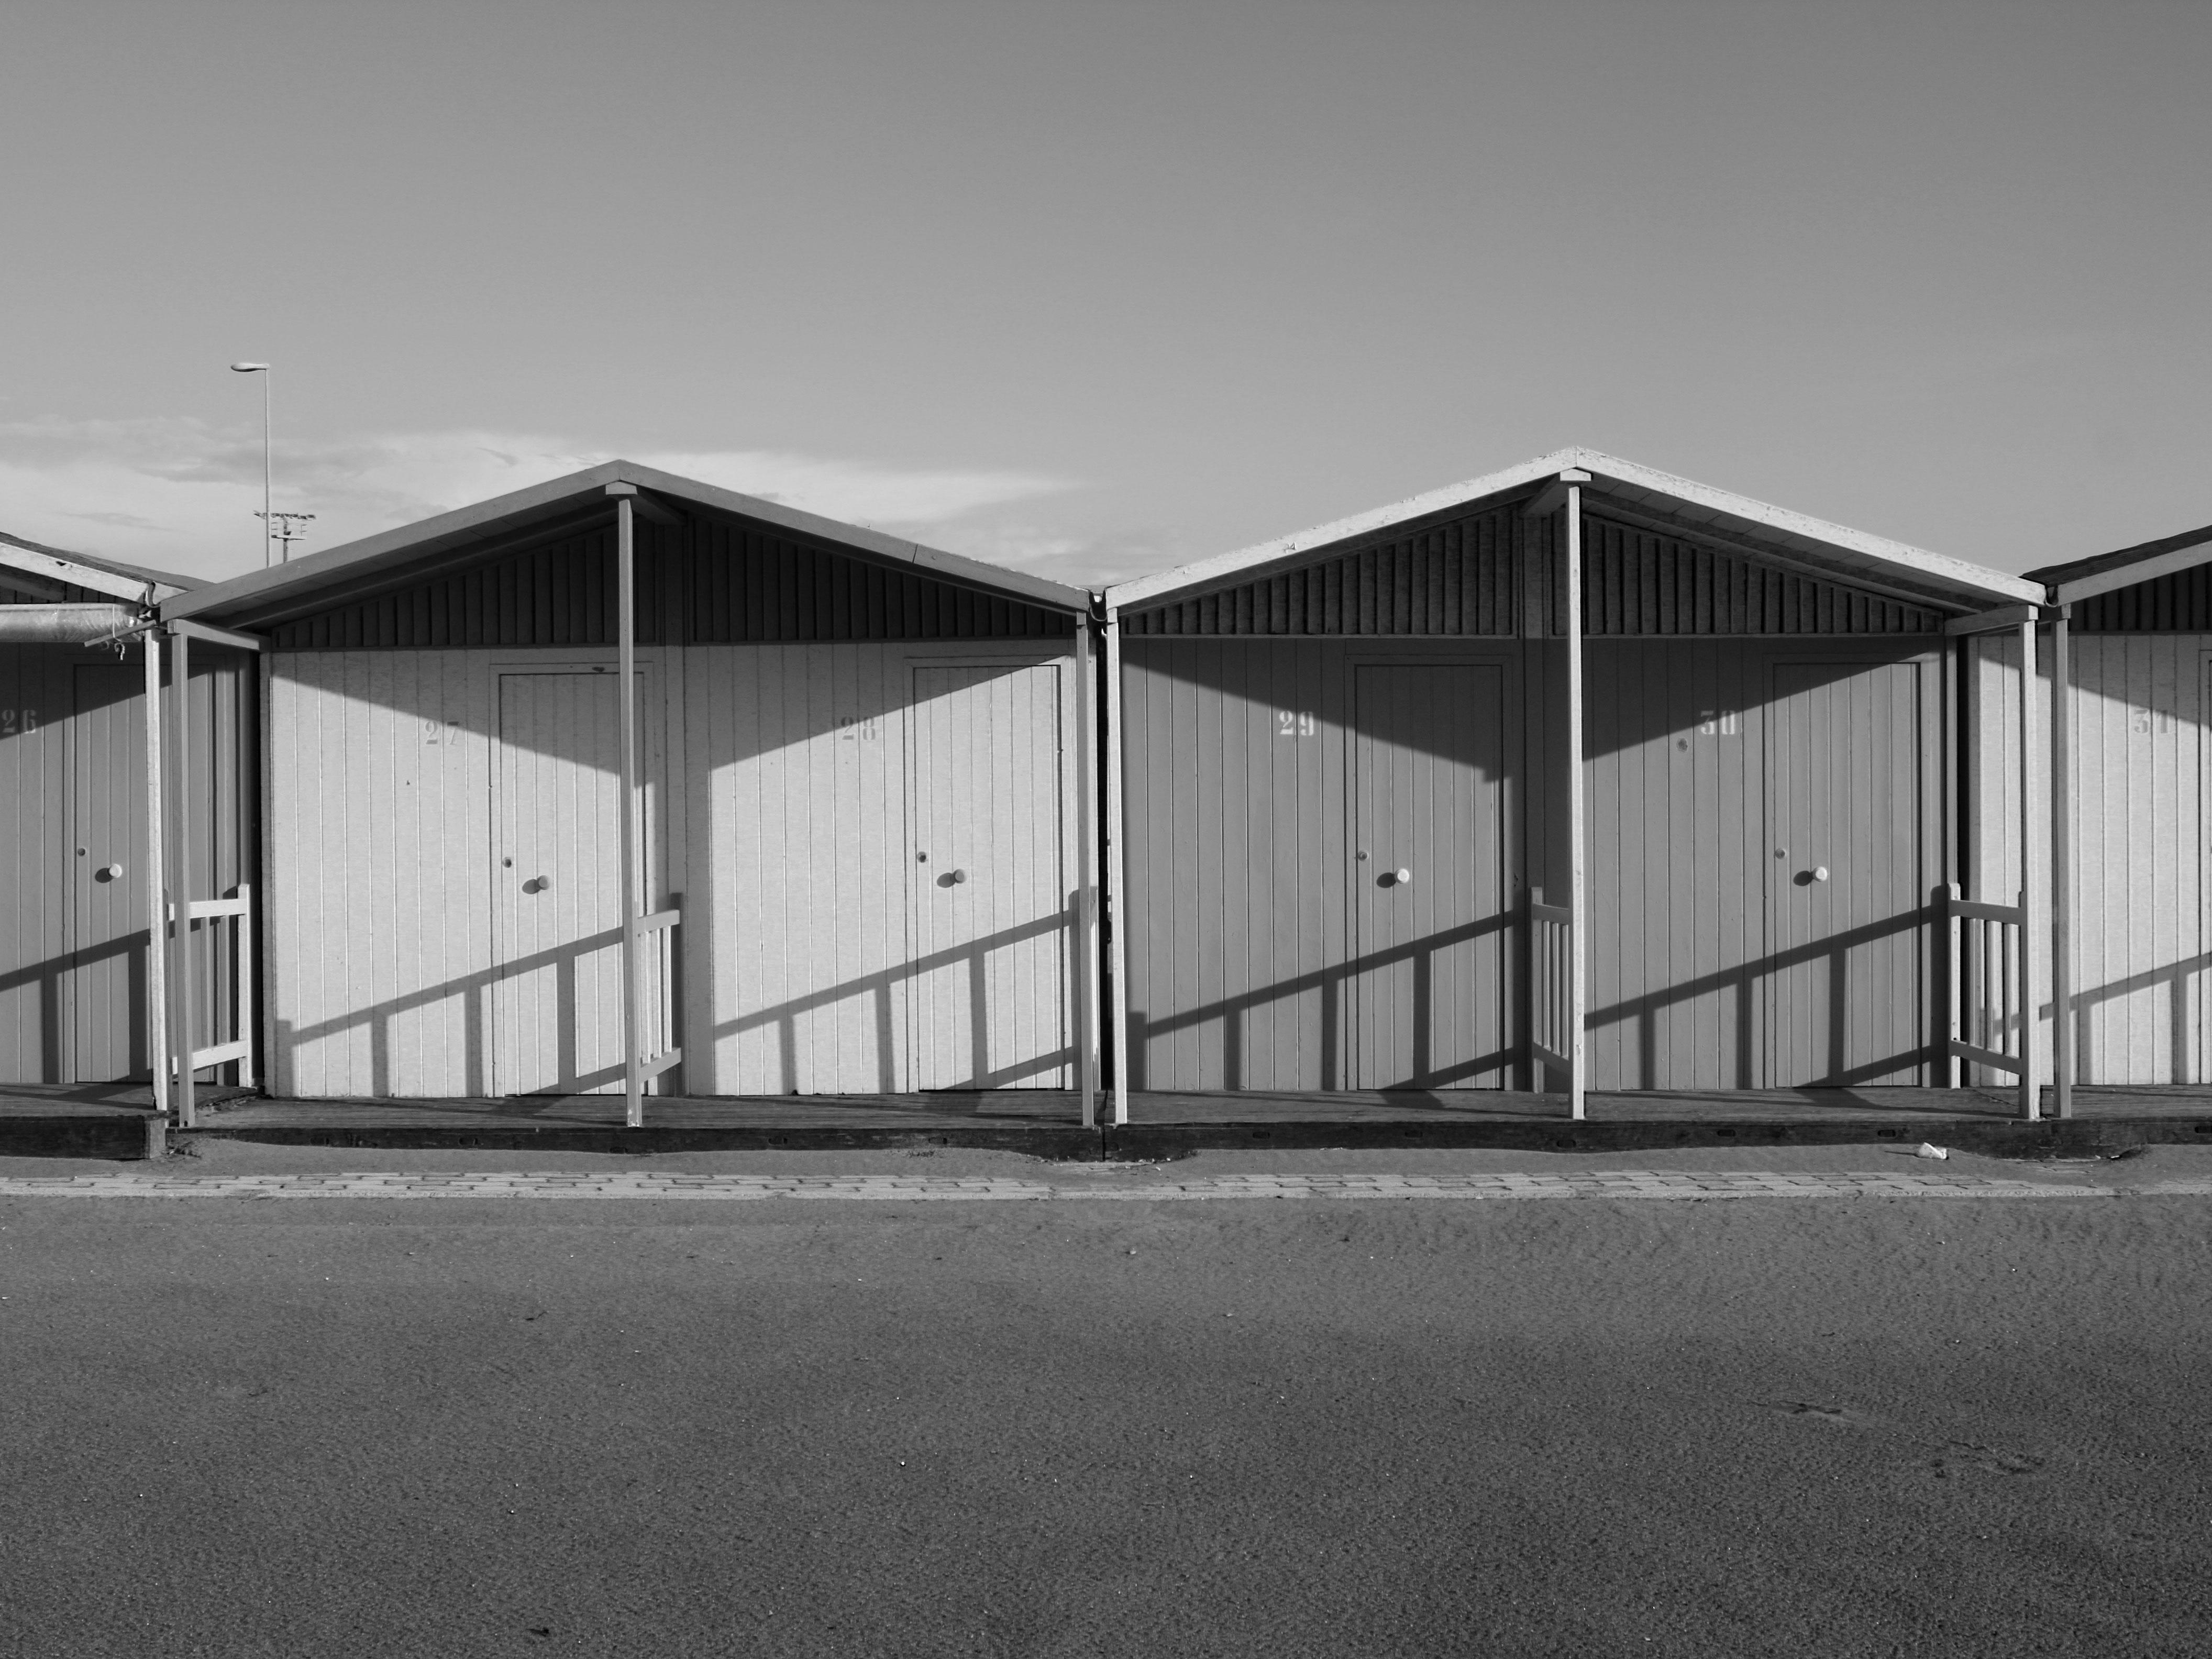 Storie di architettura non ordinarie - Kursaal / Foto di Emiliano Zandri